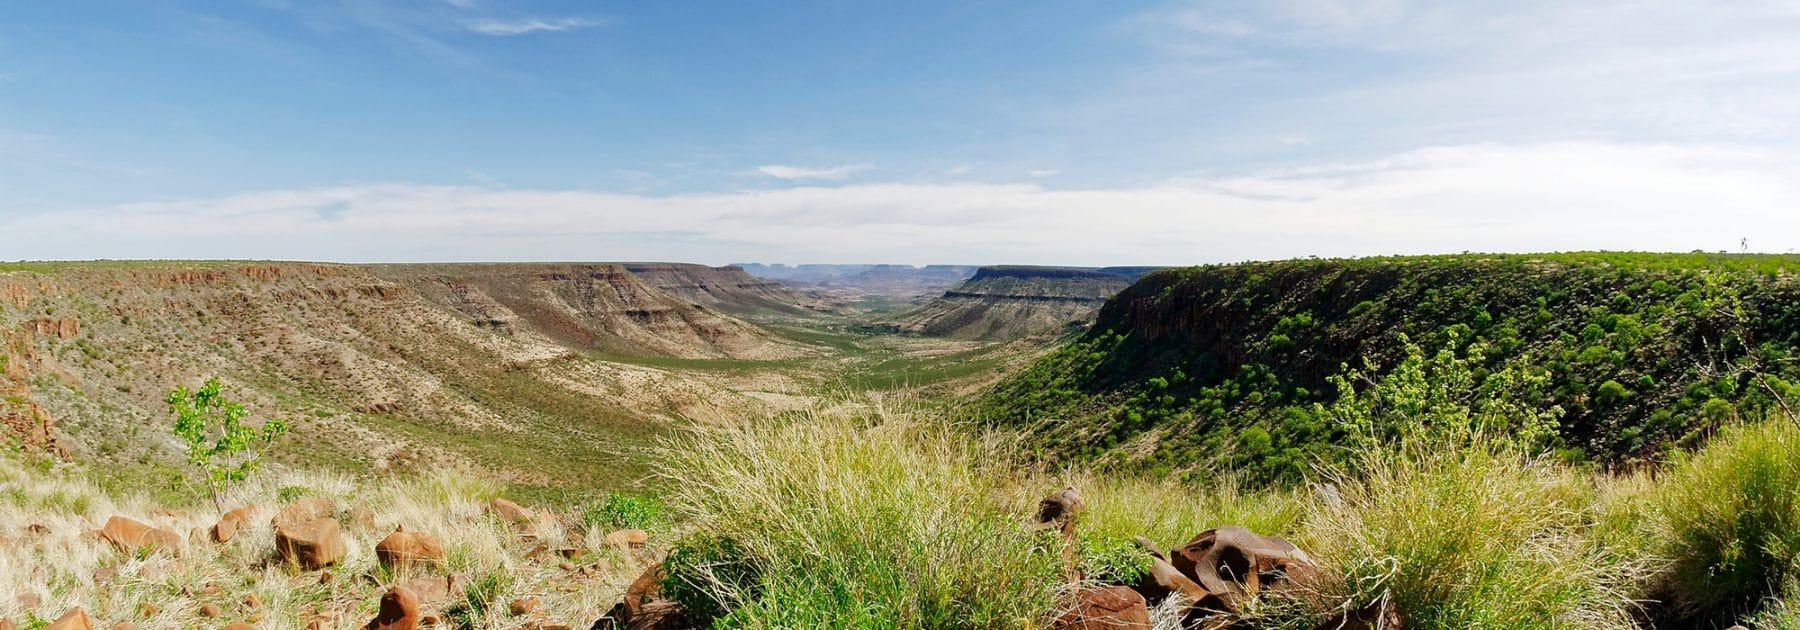 viajes-africa-especialistas-en-africa-austral